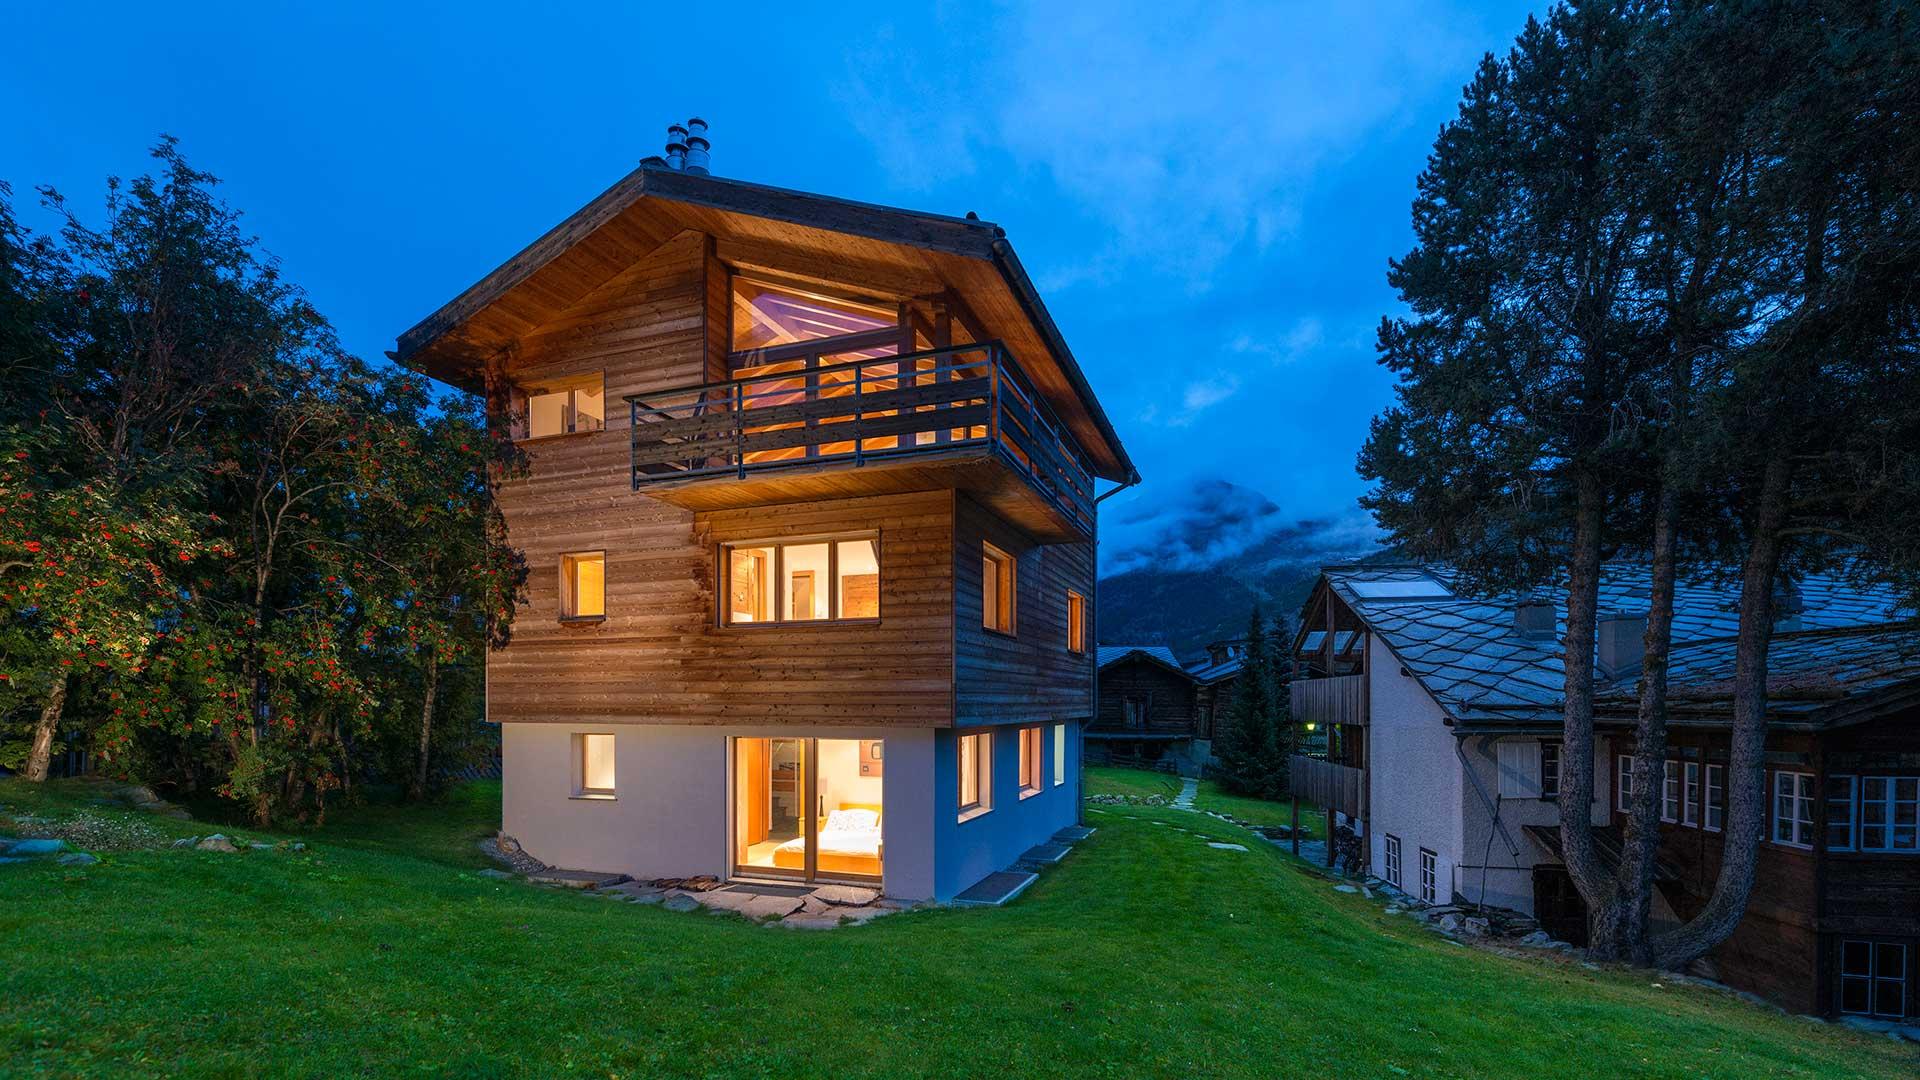 Chalet Uhu Chalet, Switzerland